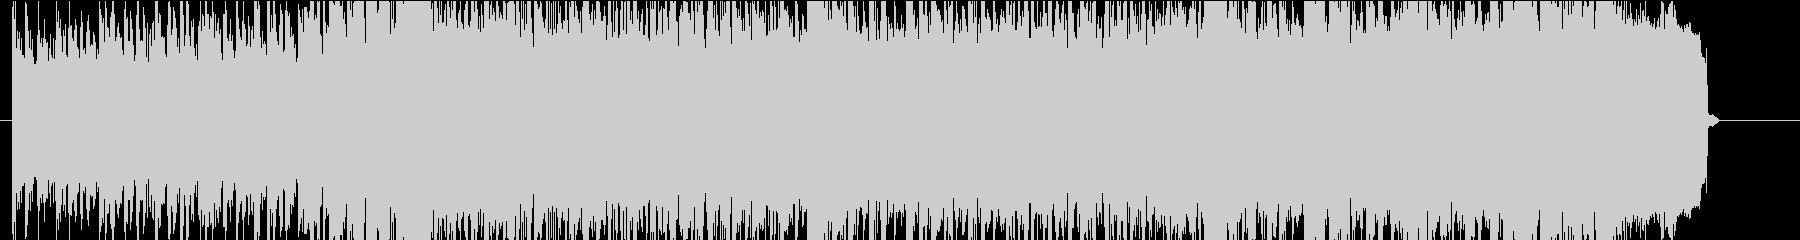 クールなロックサウンドのジングルの未再生の波形